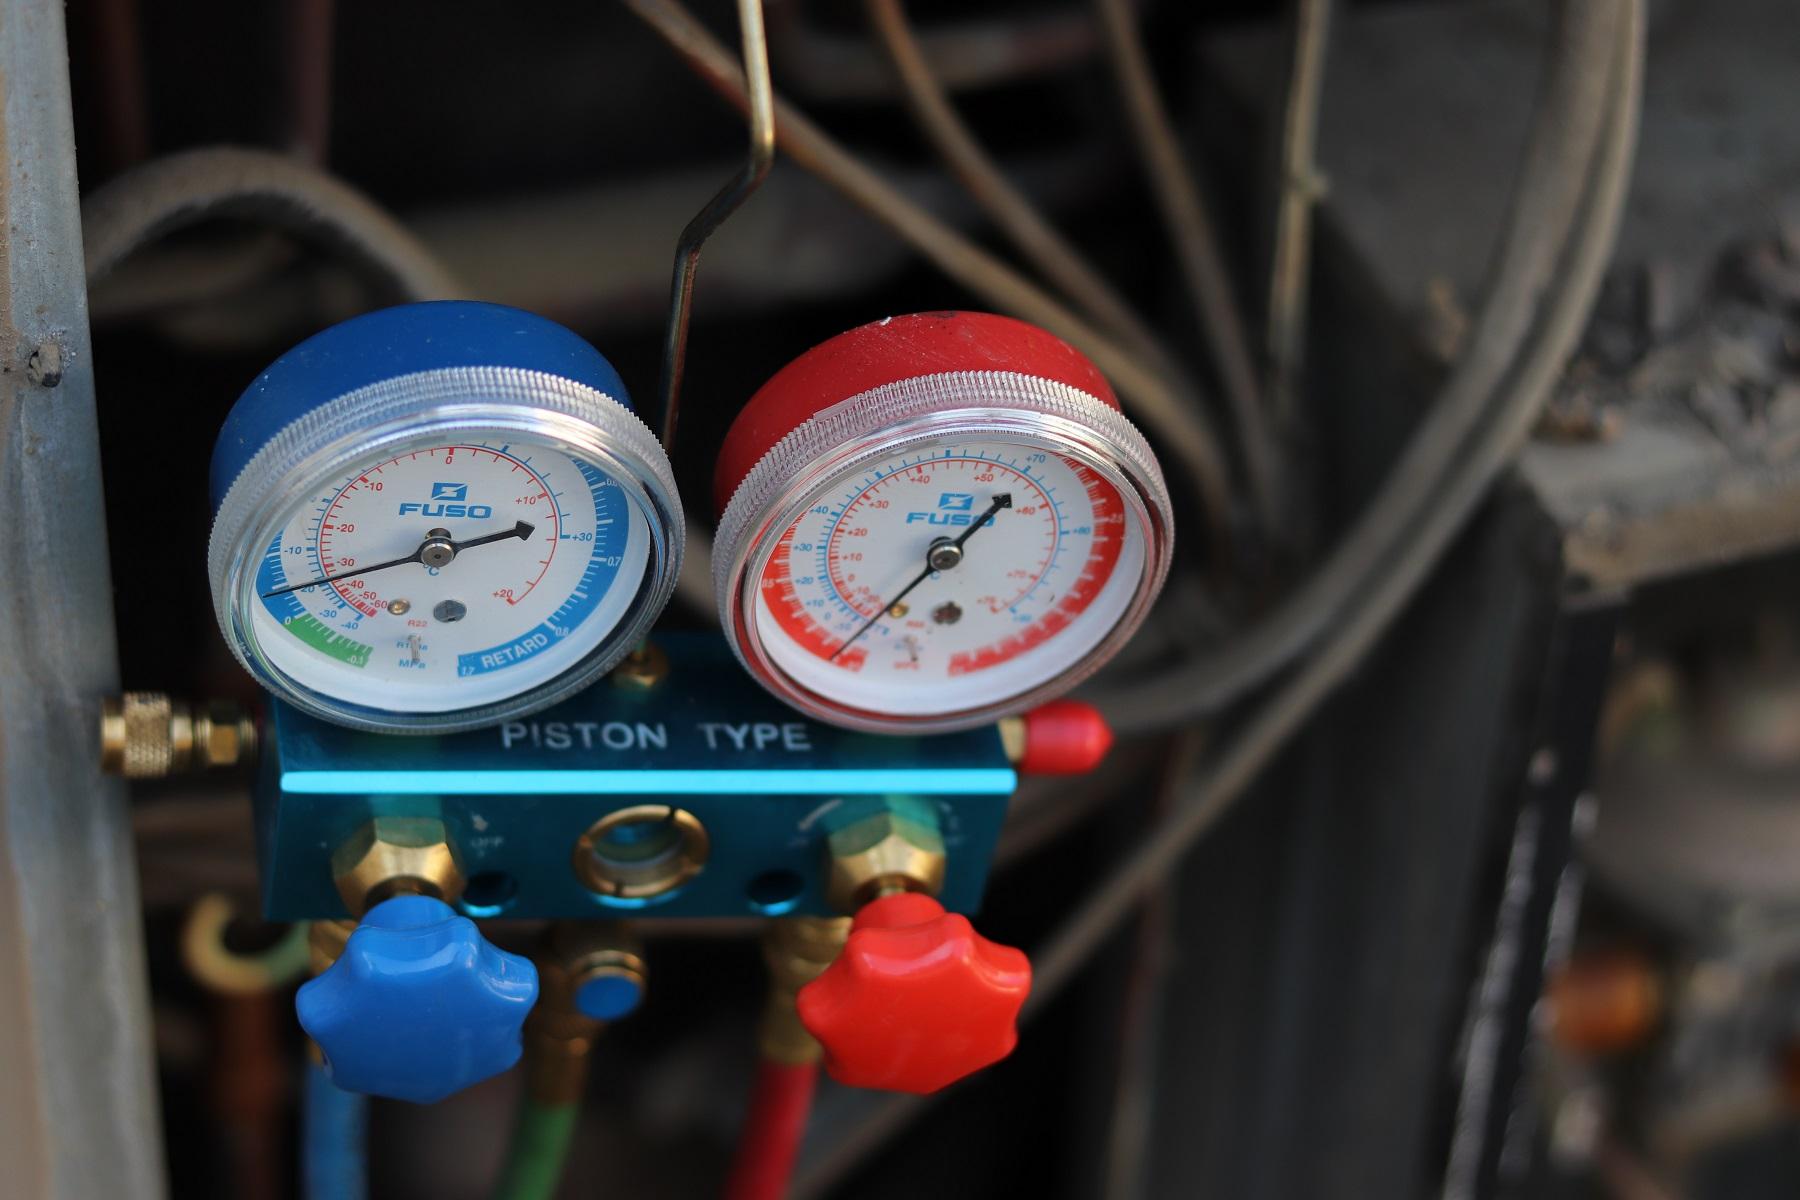 エアコン修理の際に必要になる資格ってどんなものがあるの?